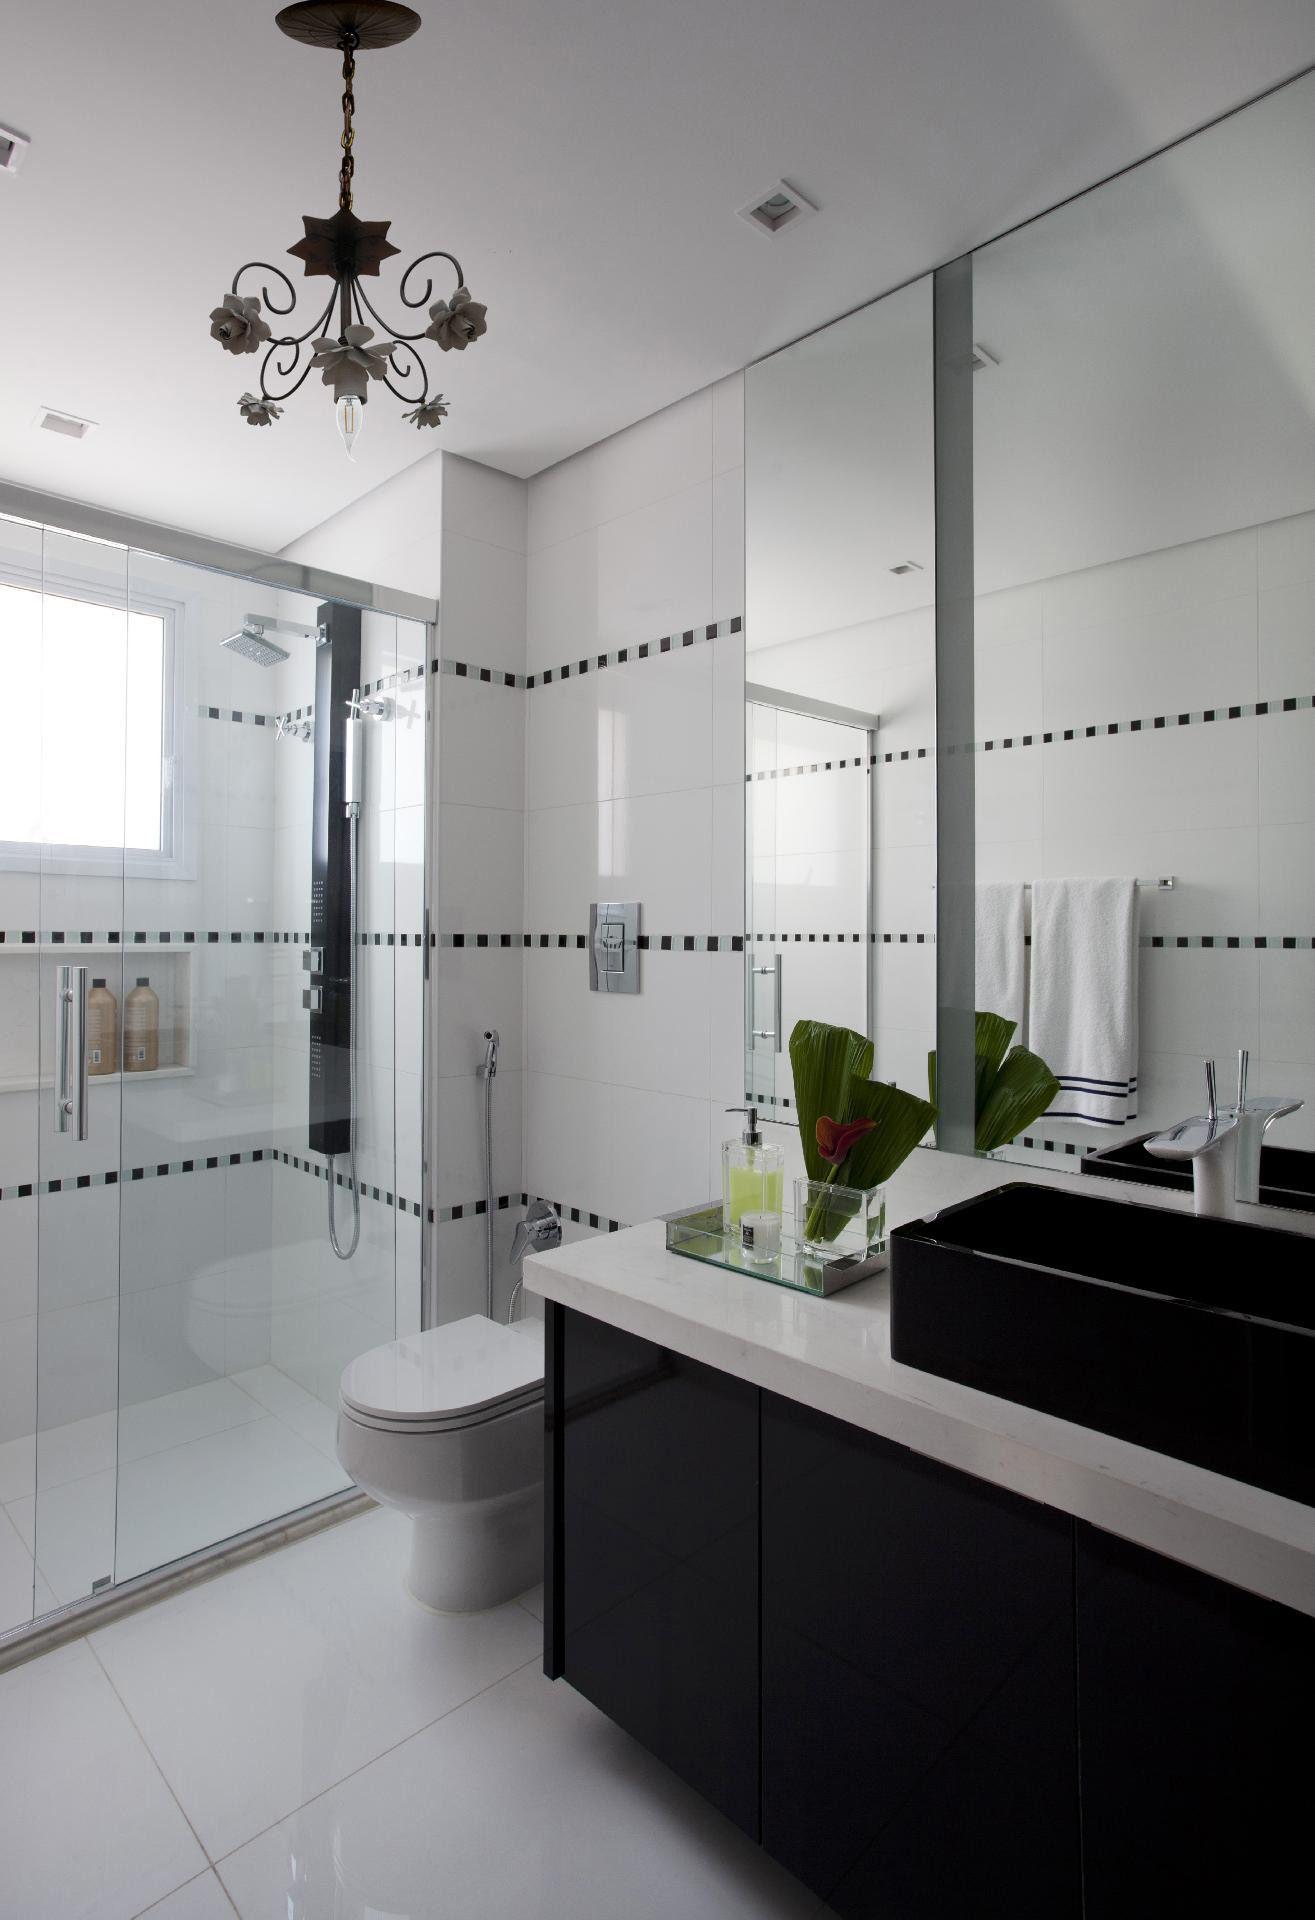 Pendente Pequeno De Ferro para Decoração de Banheiro E Quarto Retro